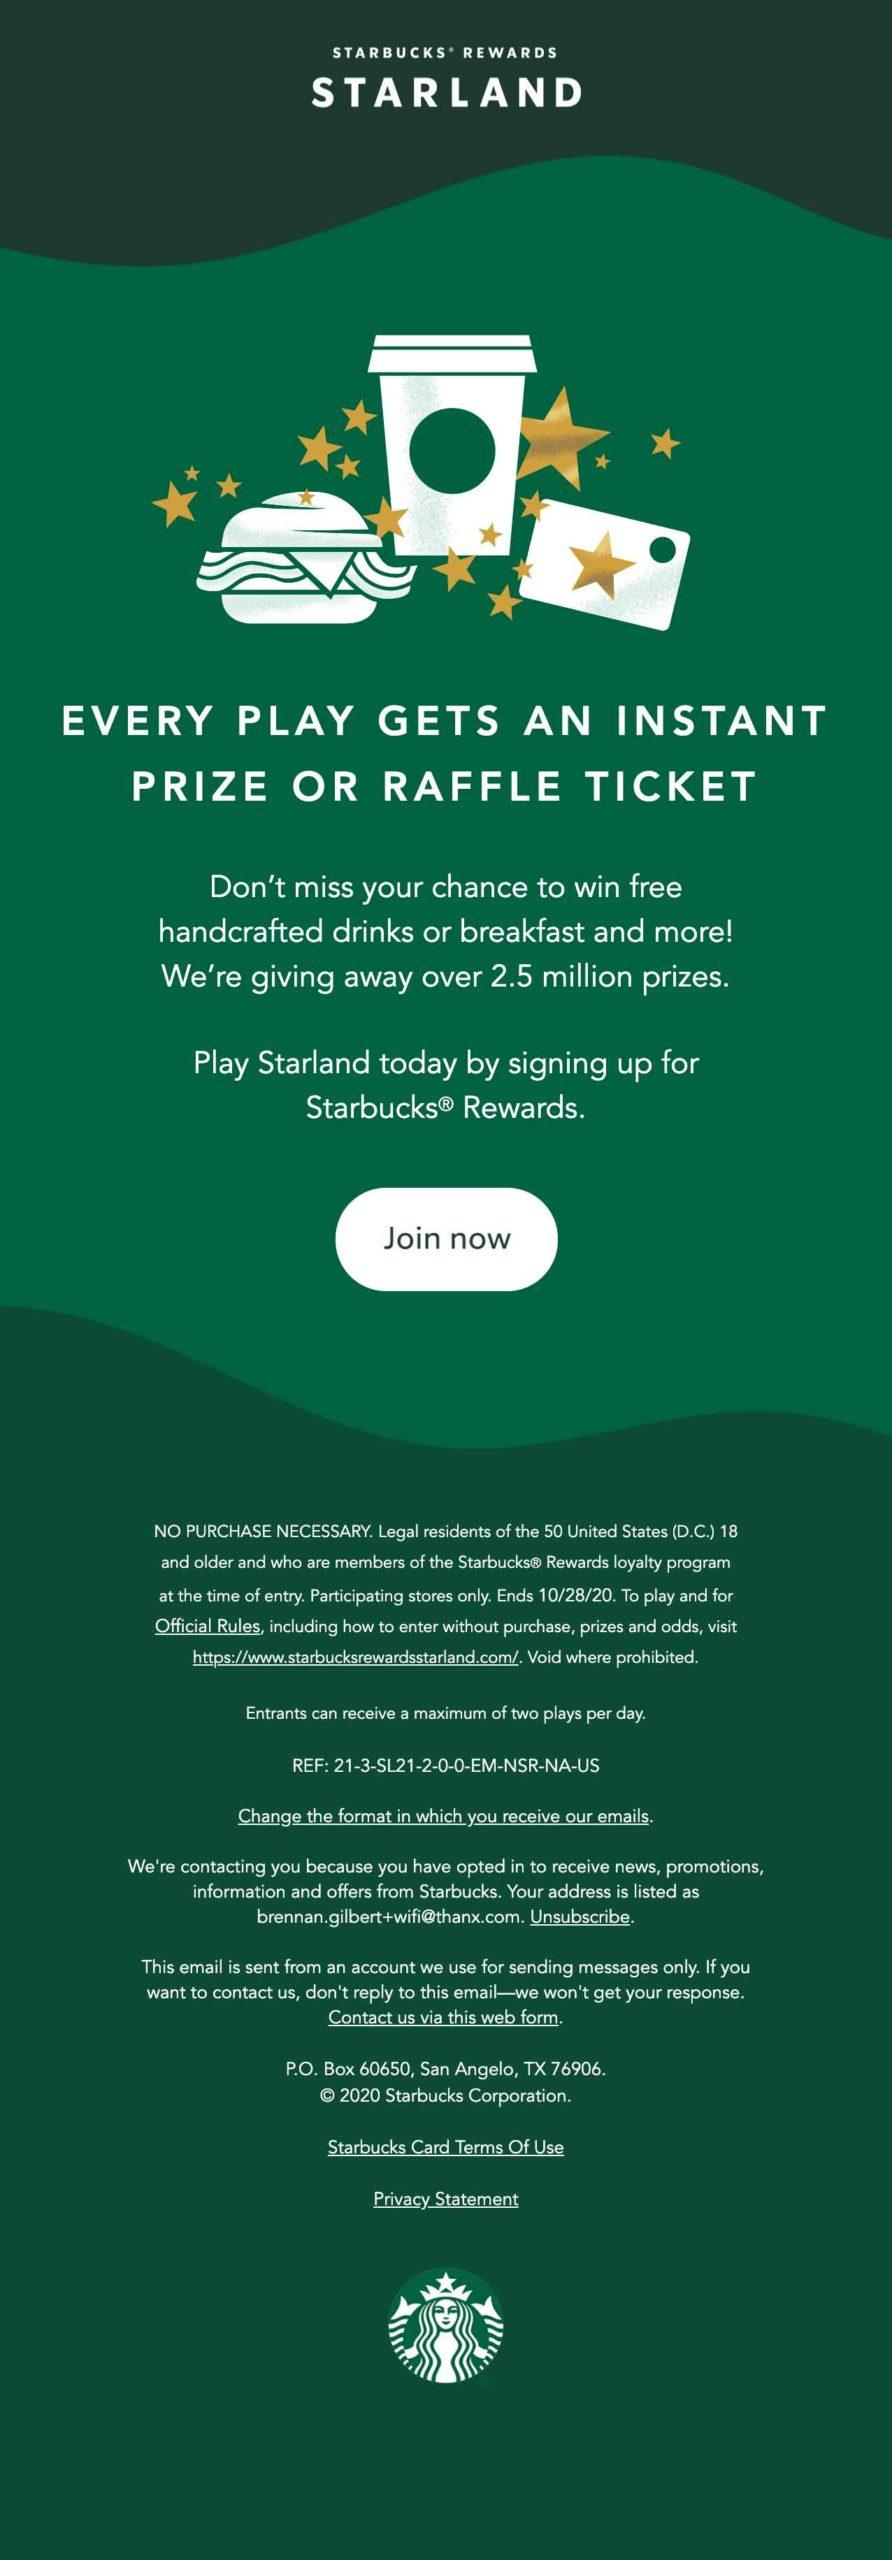 Starbucks Starland email #1